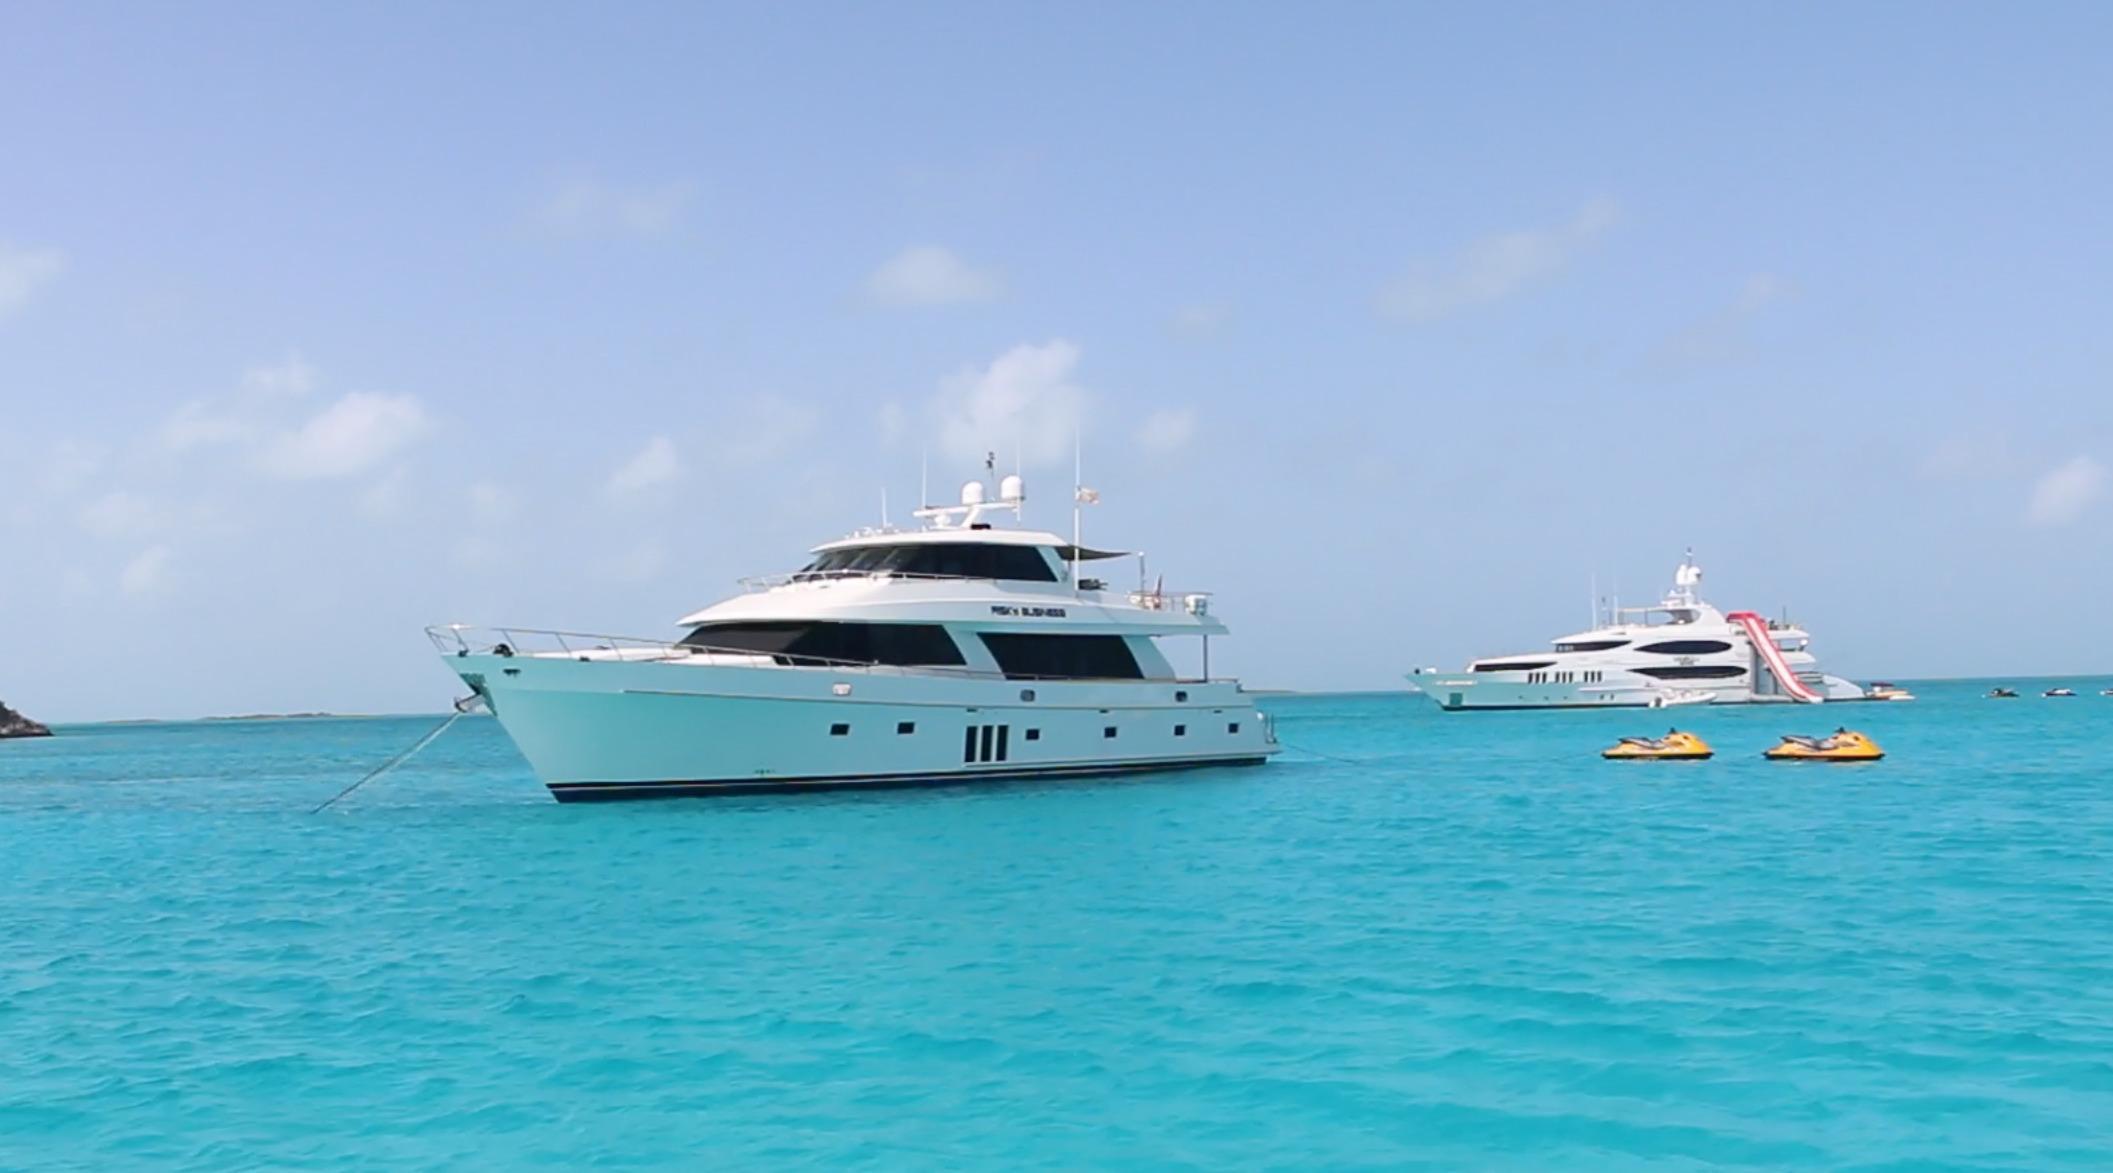 Bahamas at Anchor